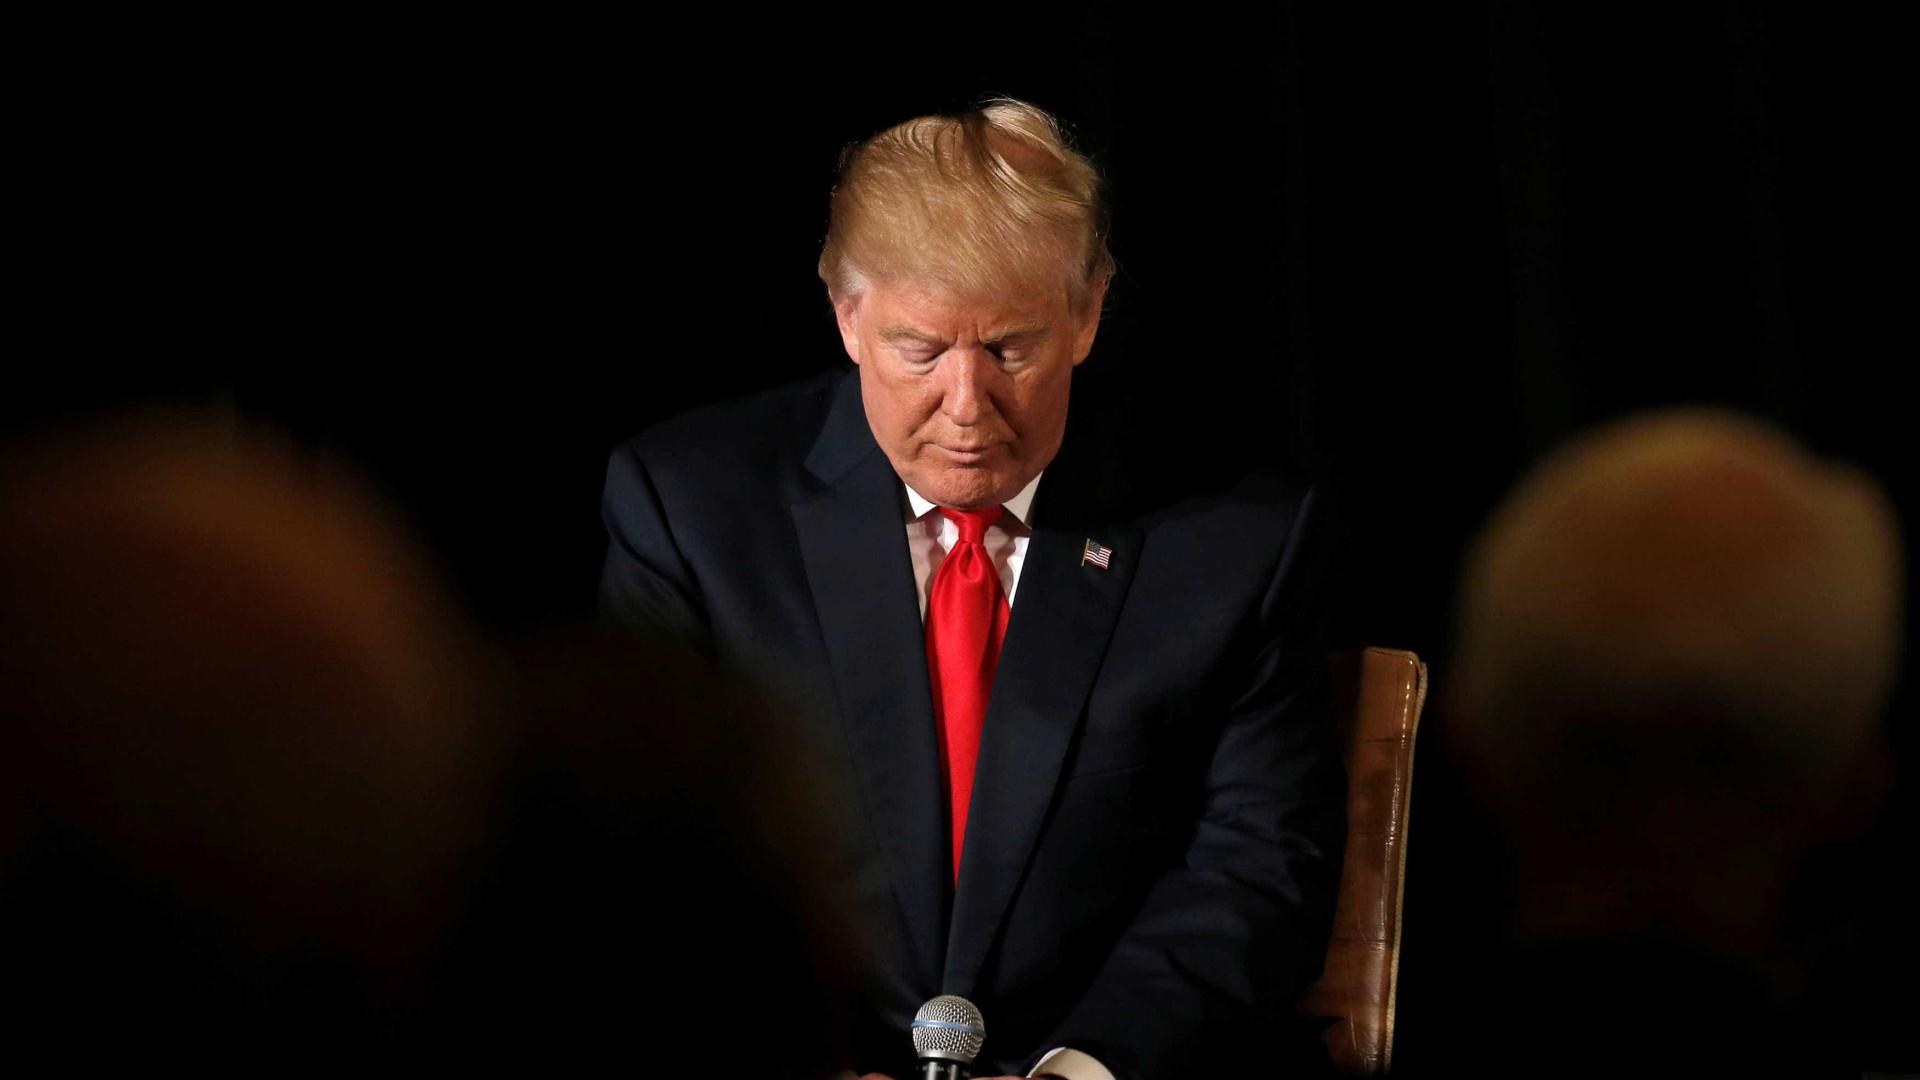 Estado de Nova Iorque pede dissolução da Fundação Trump por ilegalidades